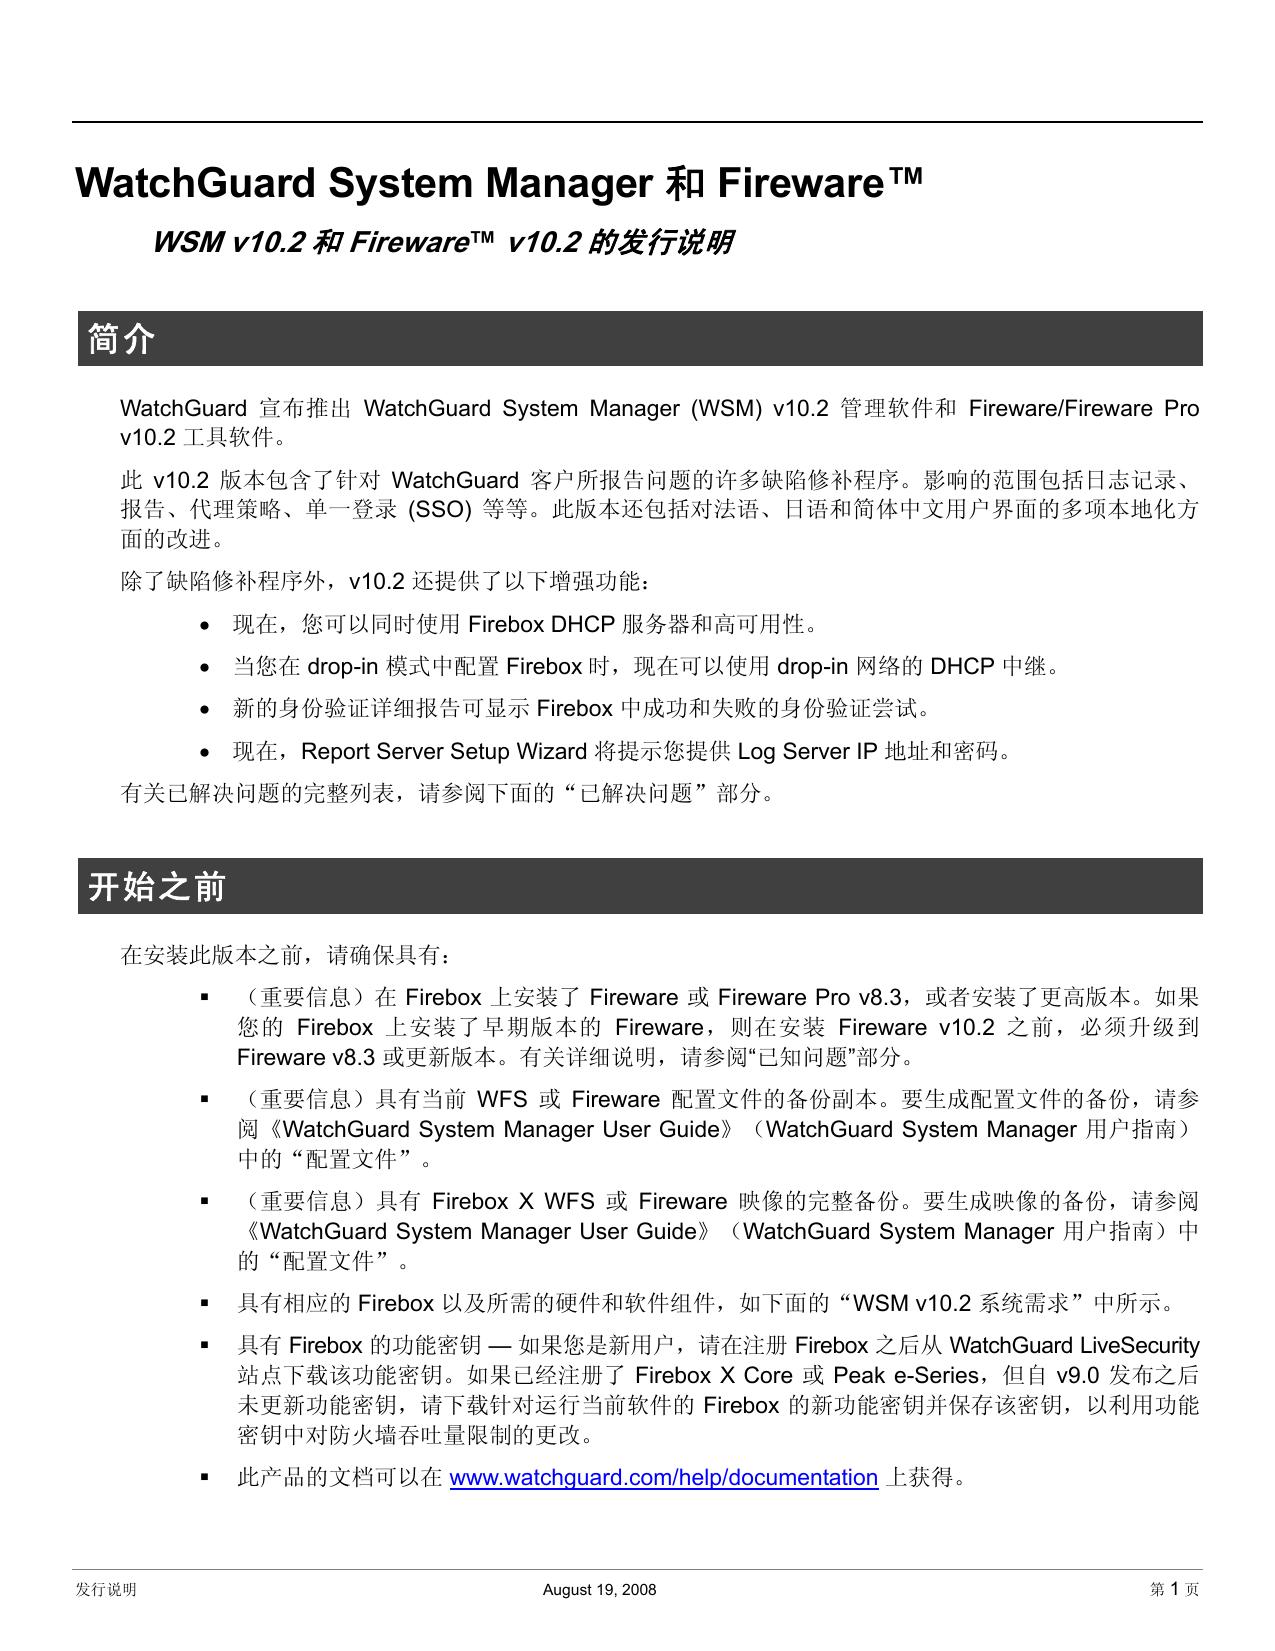 WatchGuard System Manager and Fireware | manualzz com